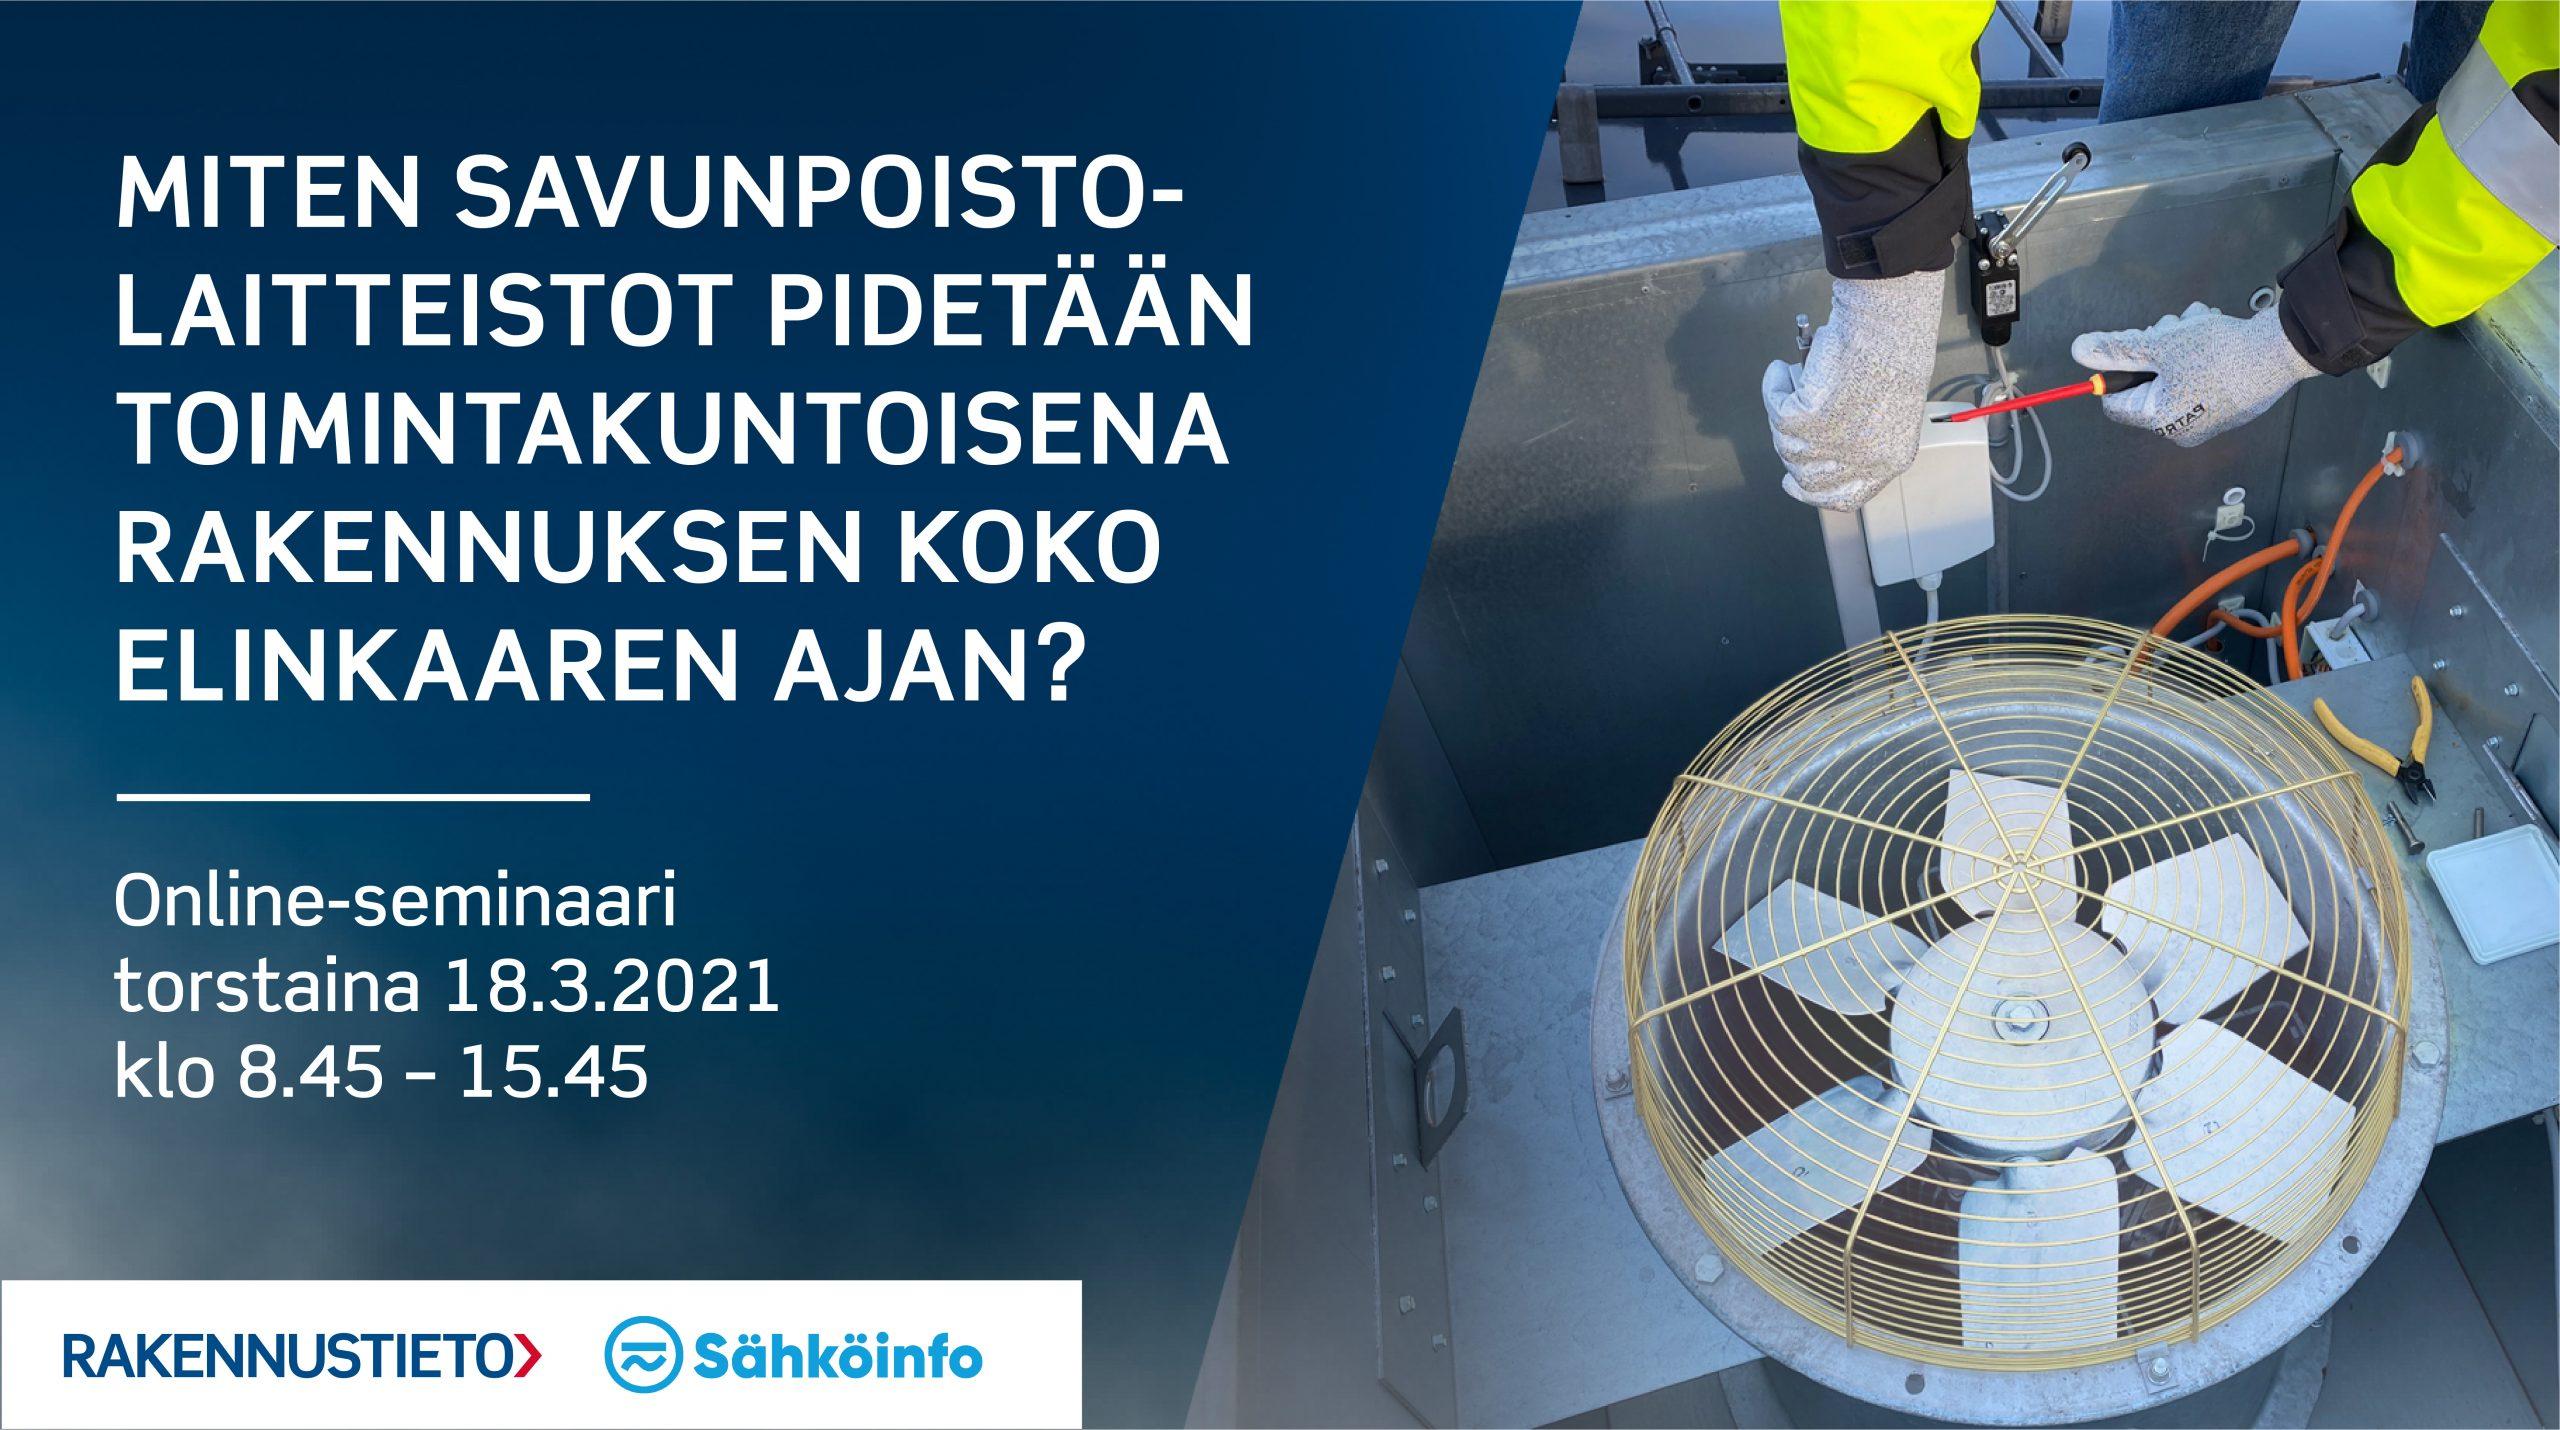 Miten savunpoistolaitteistot pidetään toimintakuntoisena rakennuksen koko elinkaaren ajan? Osallistu online-seminaariin torstaina 18.3.2021 klo 8.45–15.45.